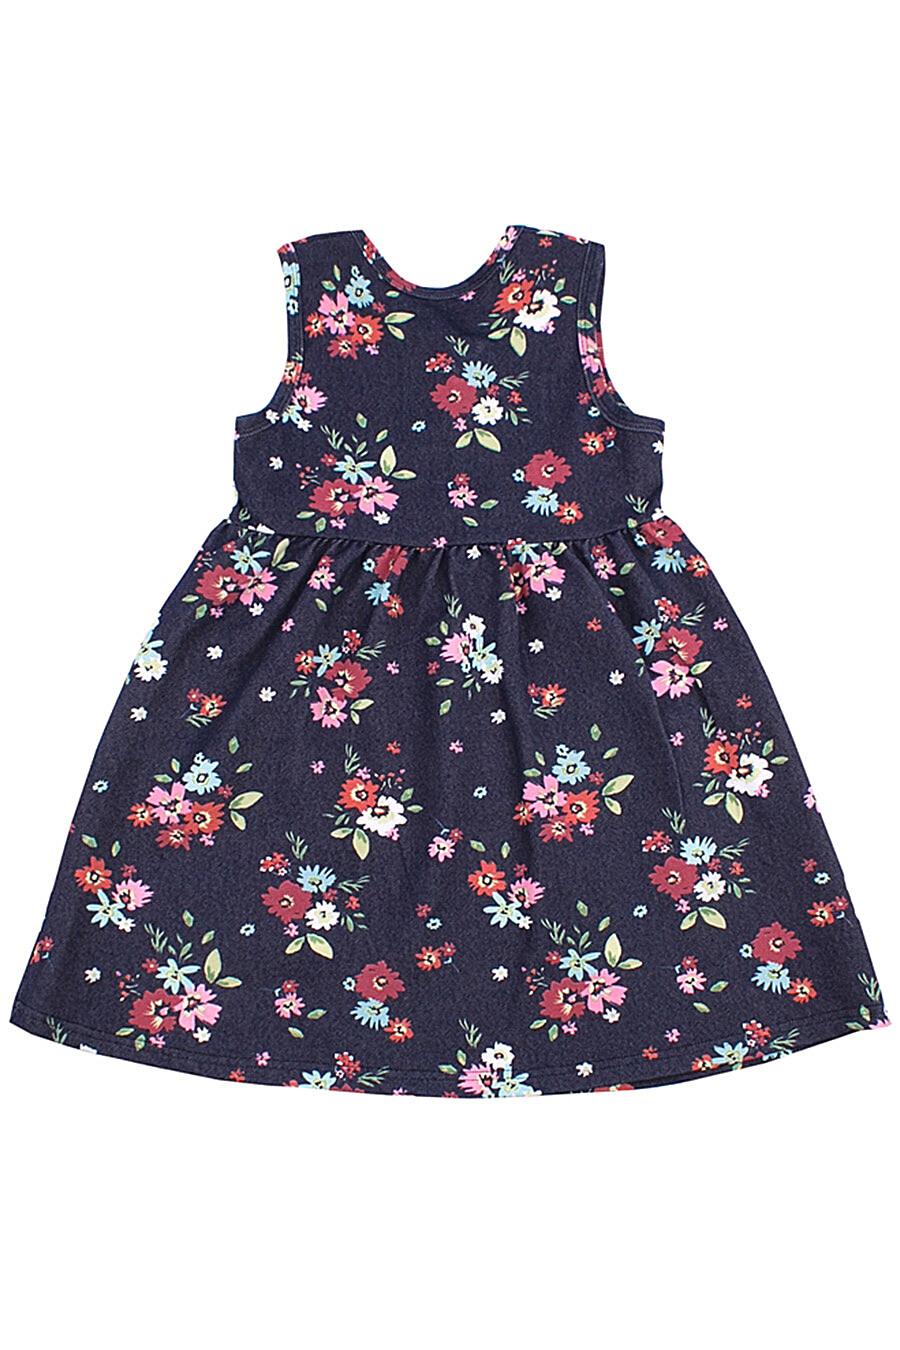 Сарафан для девочек Archi 131120 купить оптом от производителя. Совместная покупка детской одежды в OptMoyo